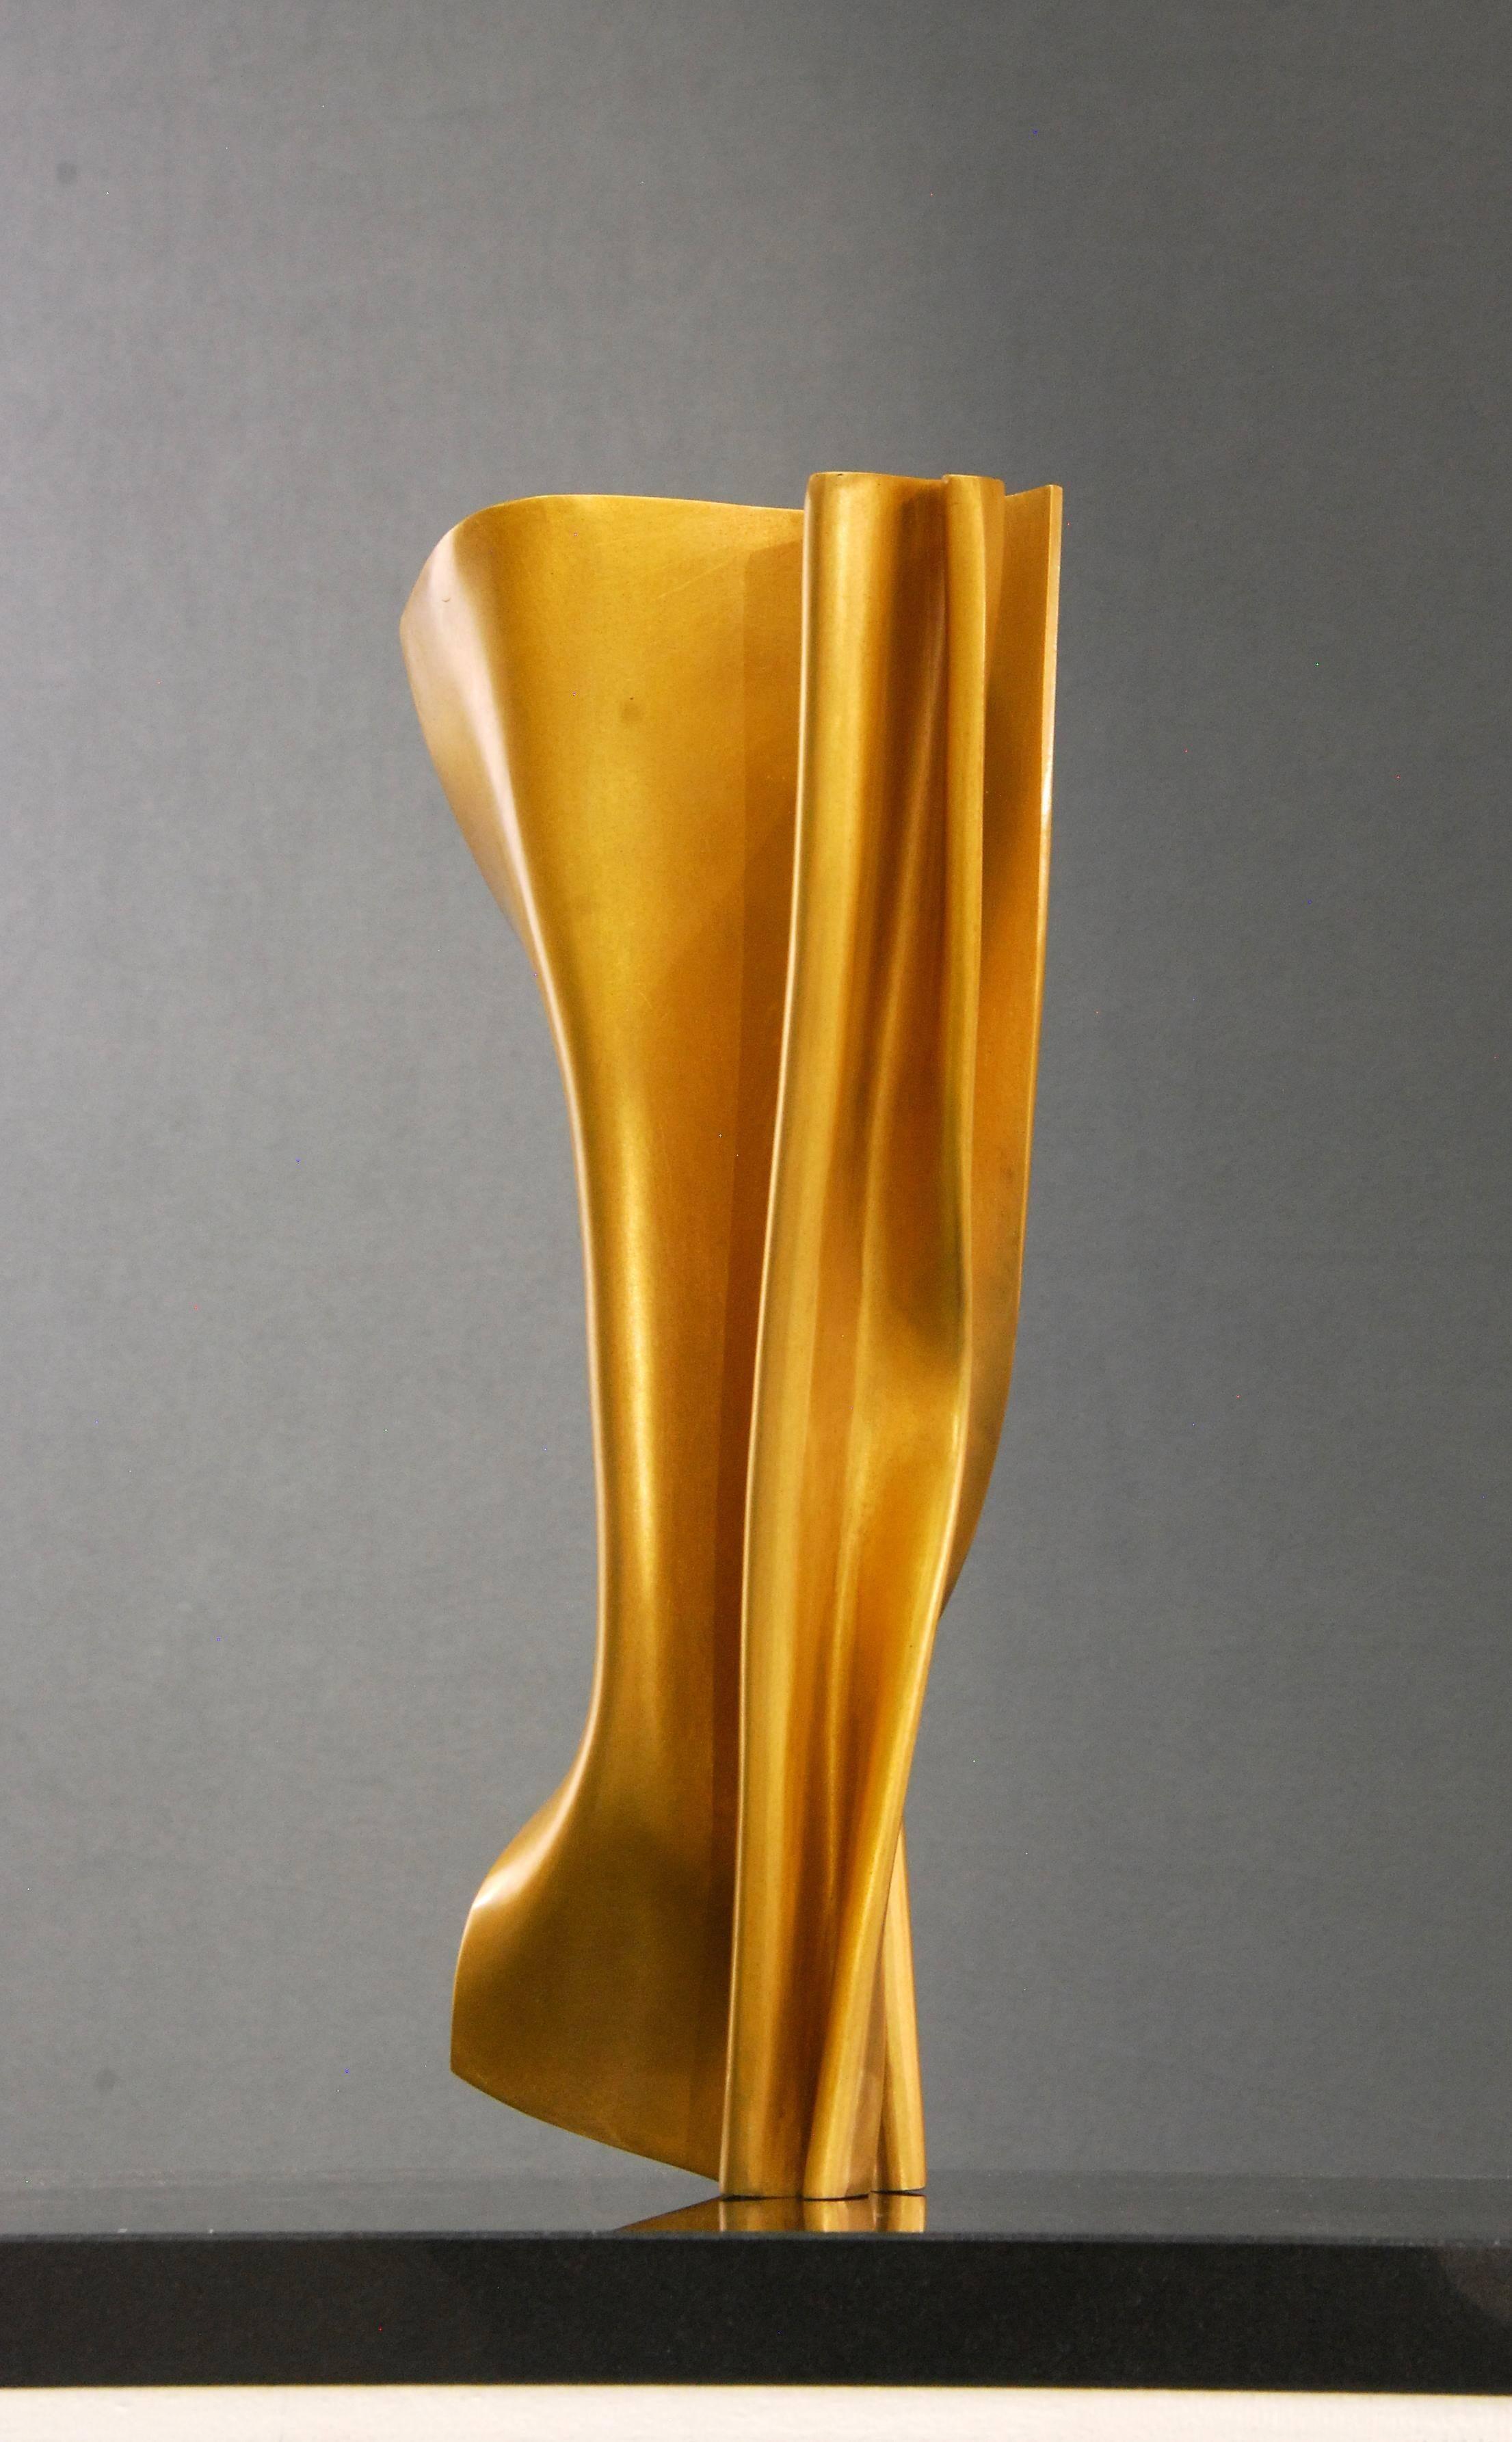 Faltung 1 by Kuno Vollet - Golden polished Bronze sculpture on granite base